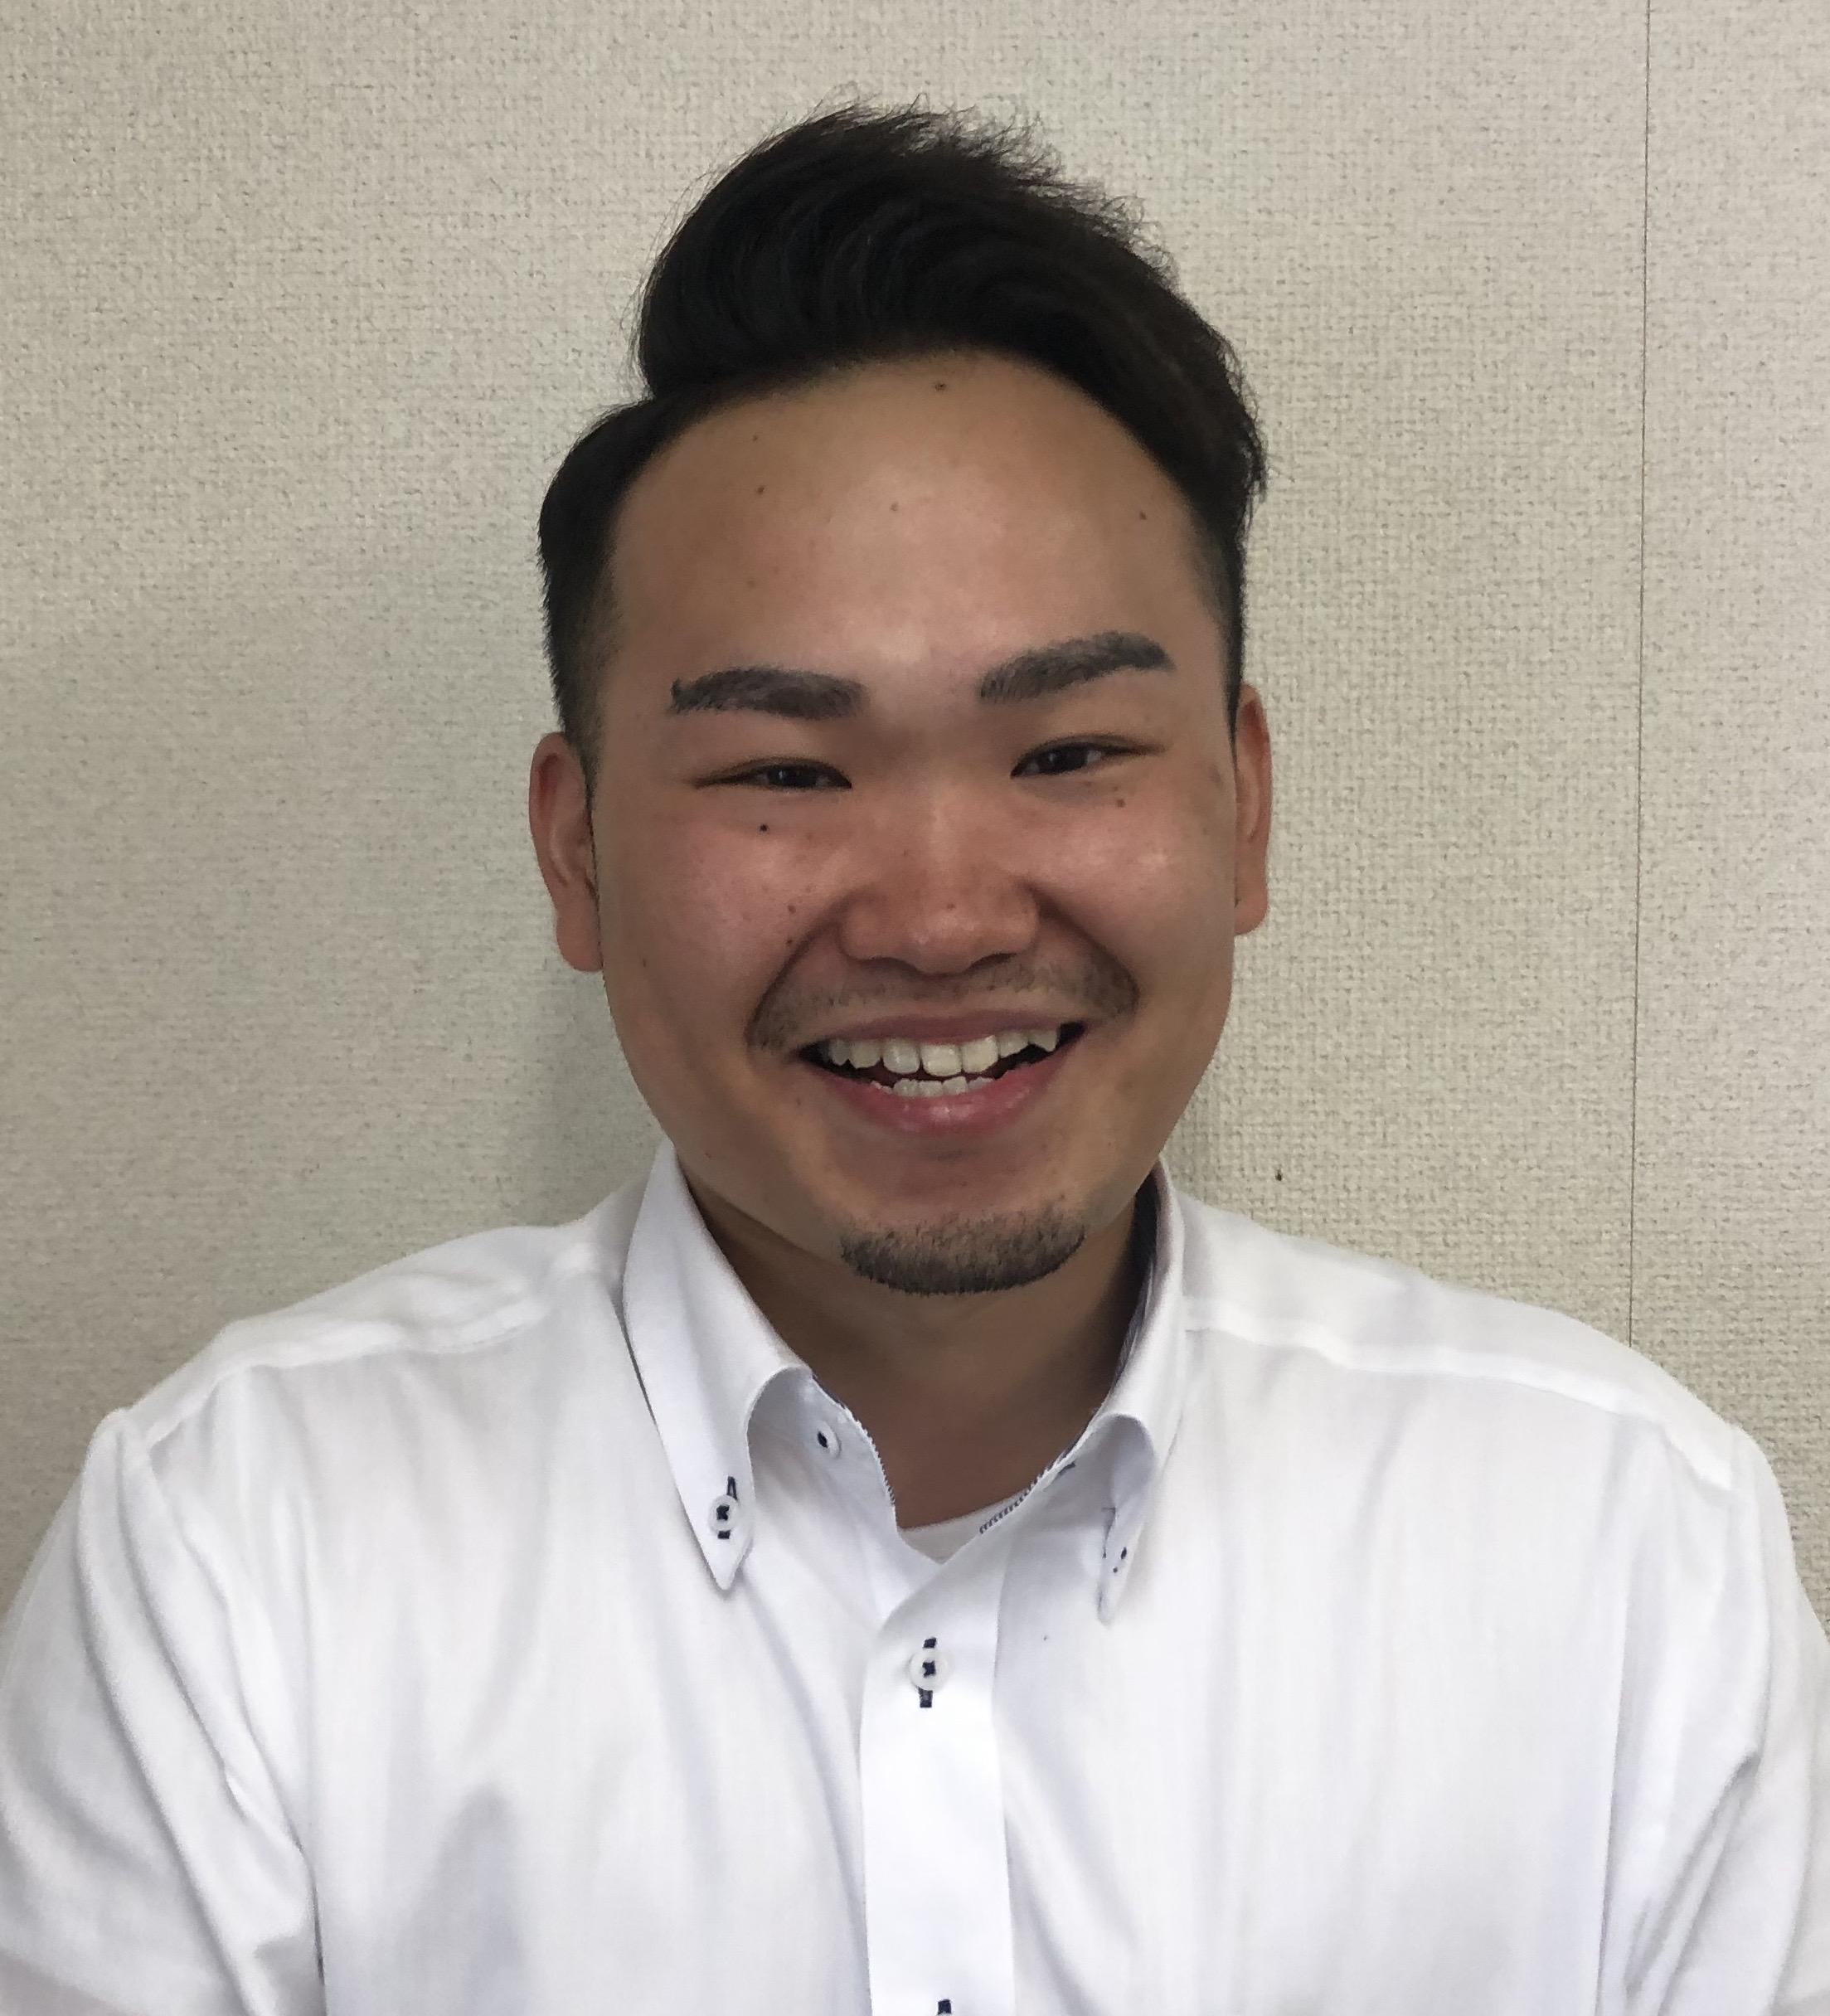 吉川 賢一